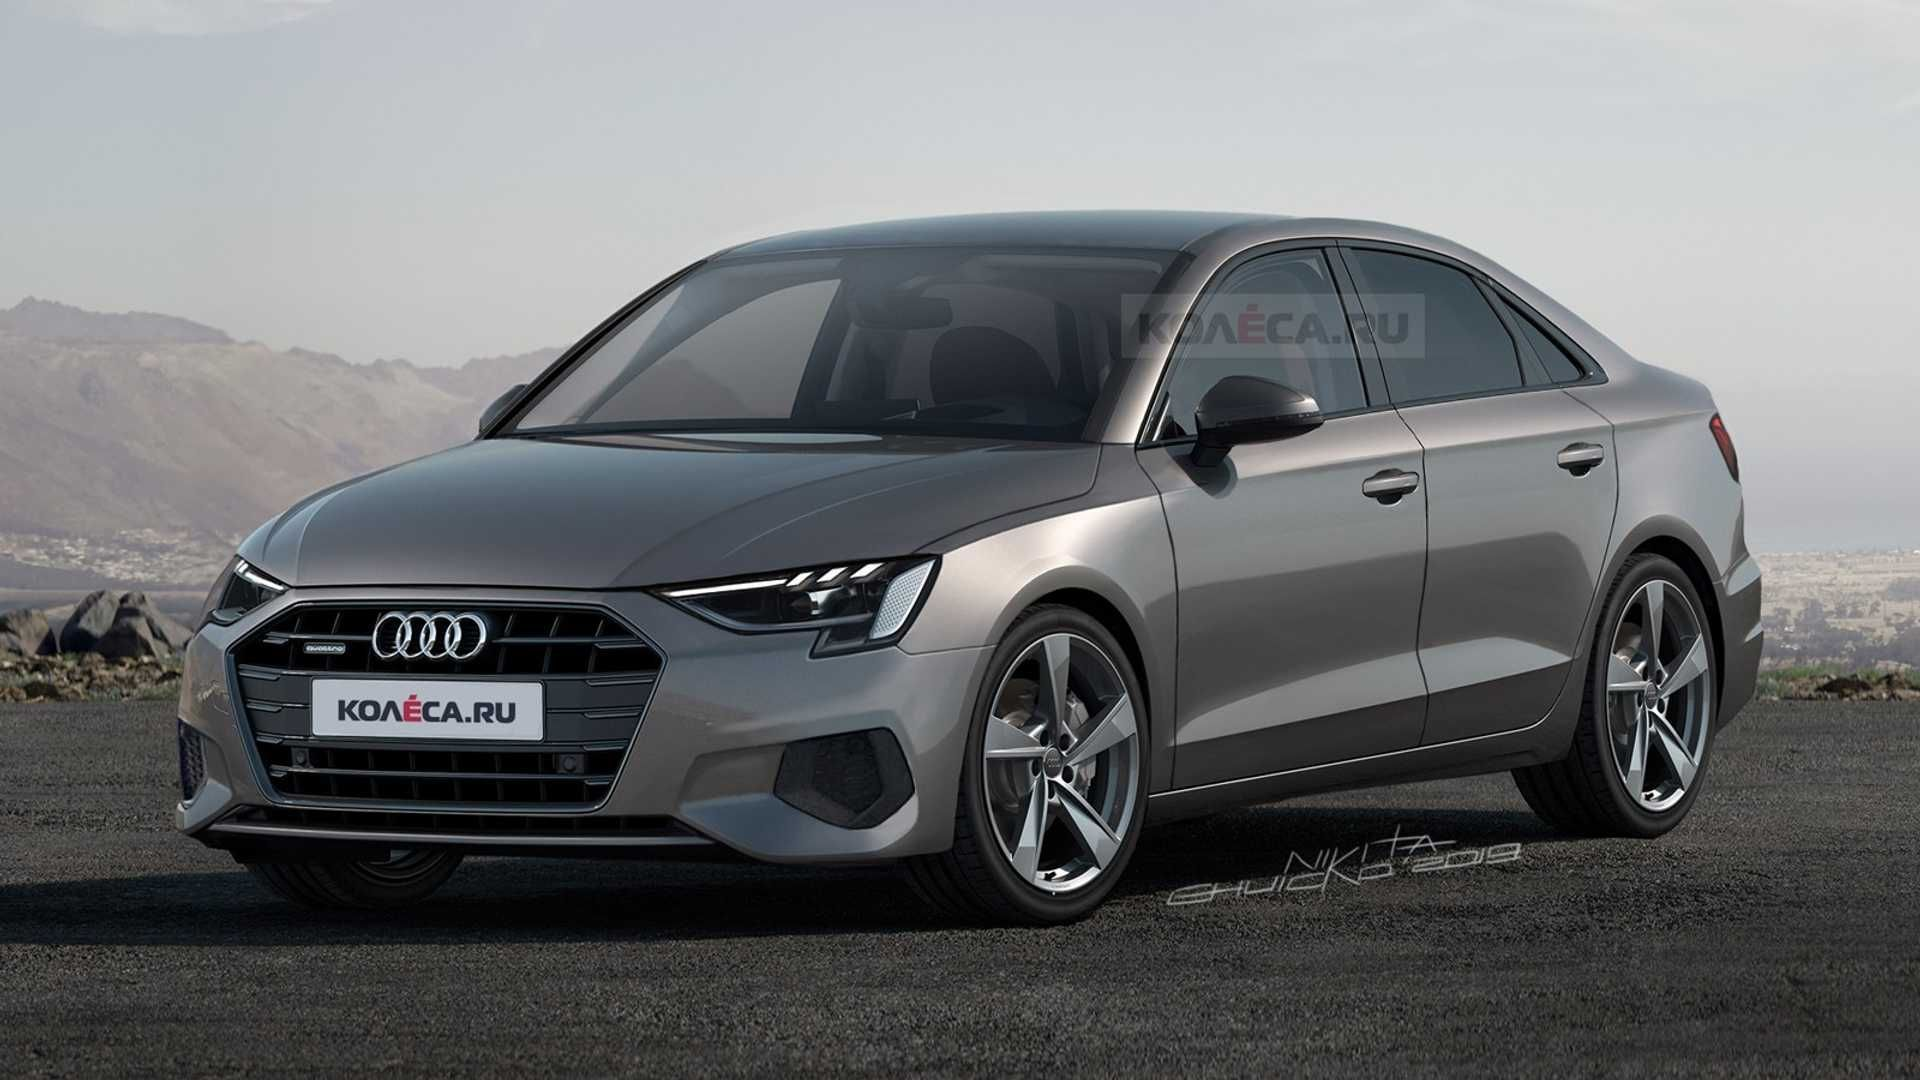 Audi A3 S Line 2021 Rumors In 2020 Audi A3 Sedan Audi A3 Sportback Audi A3